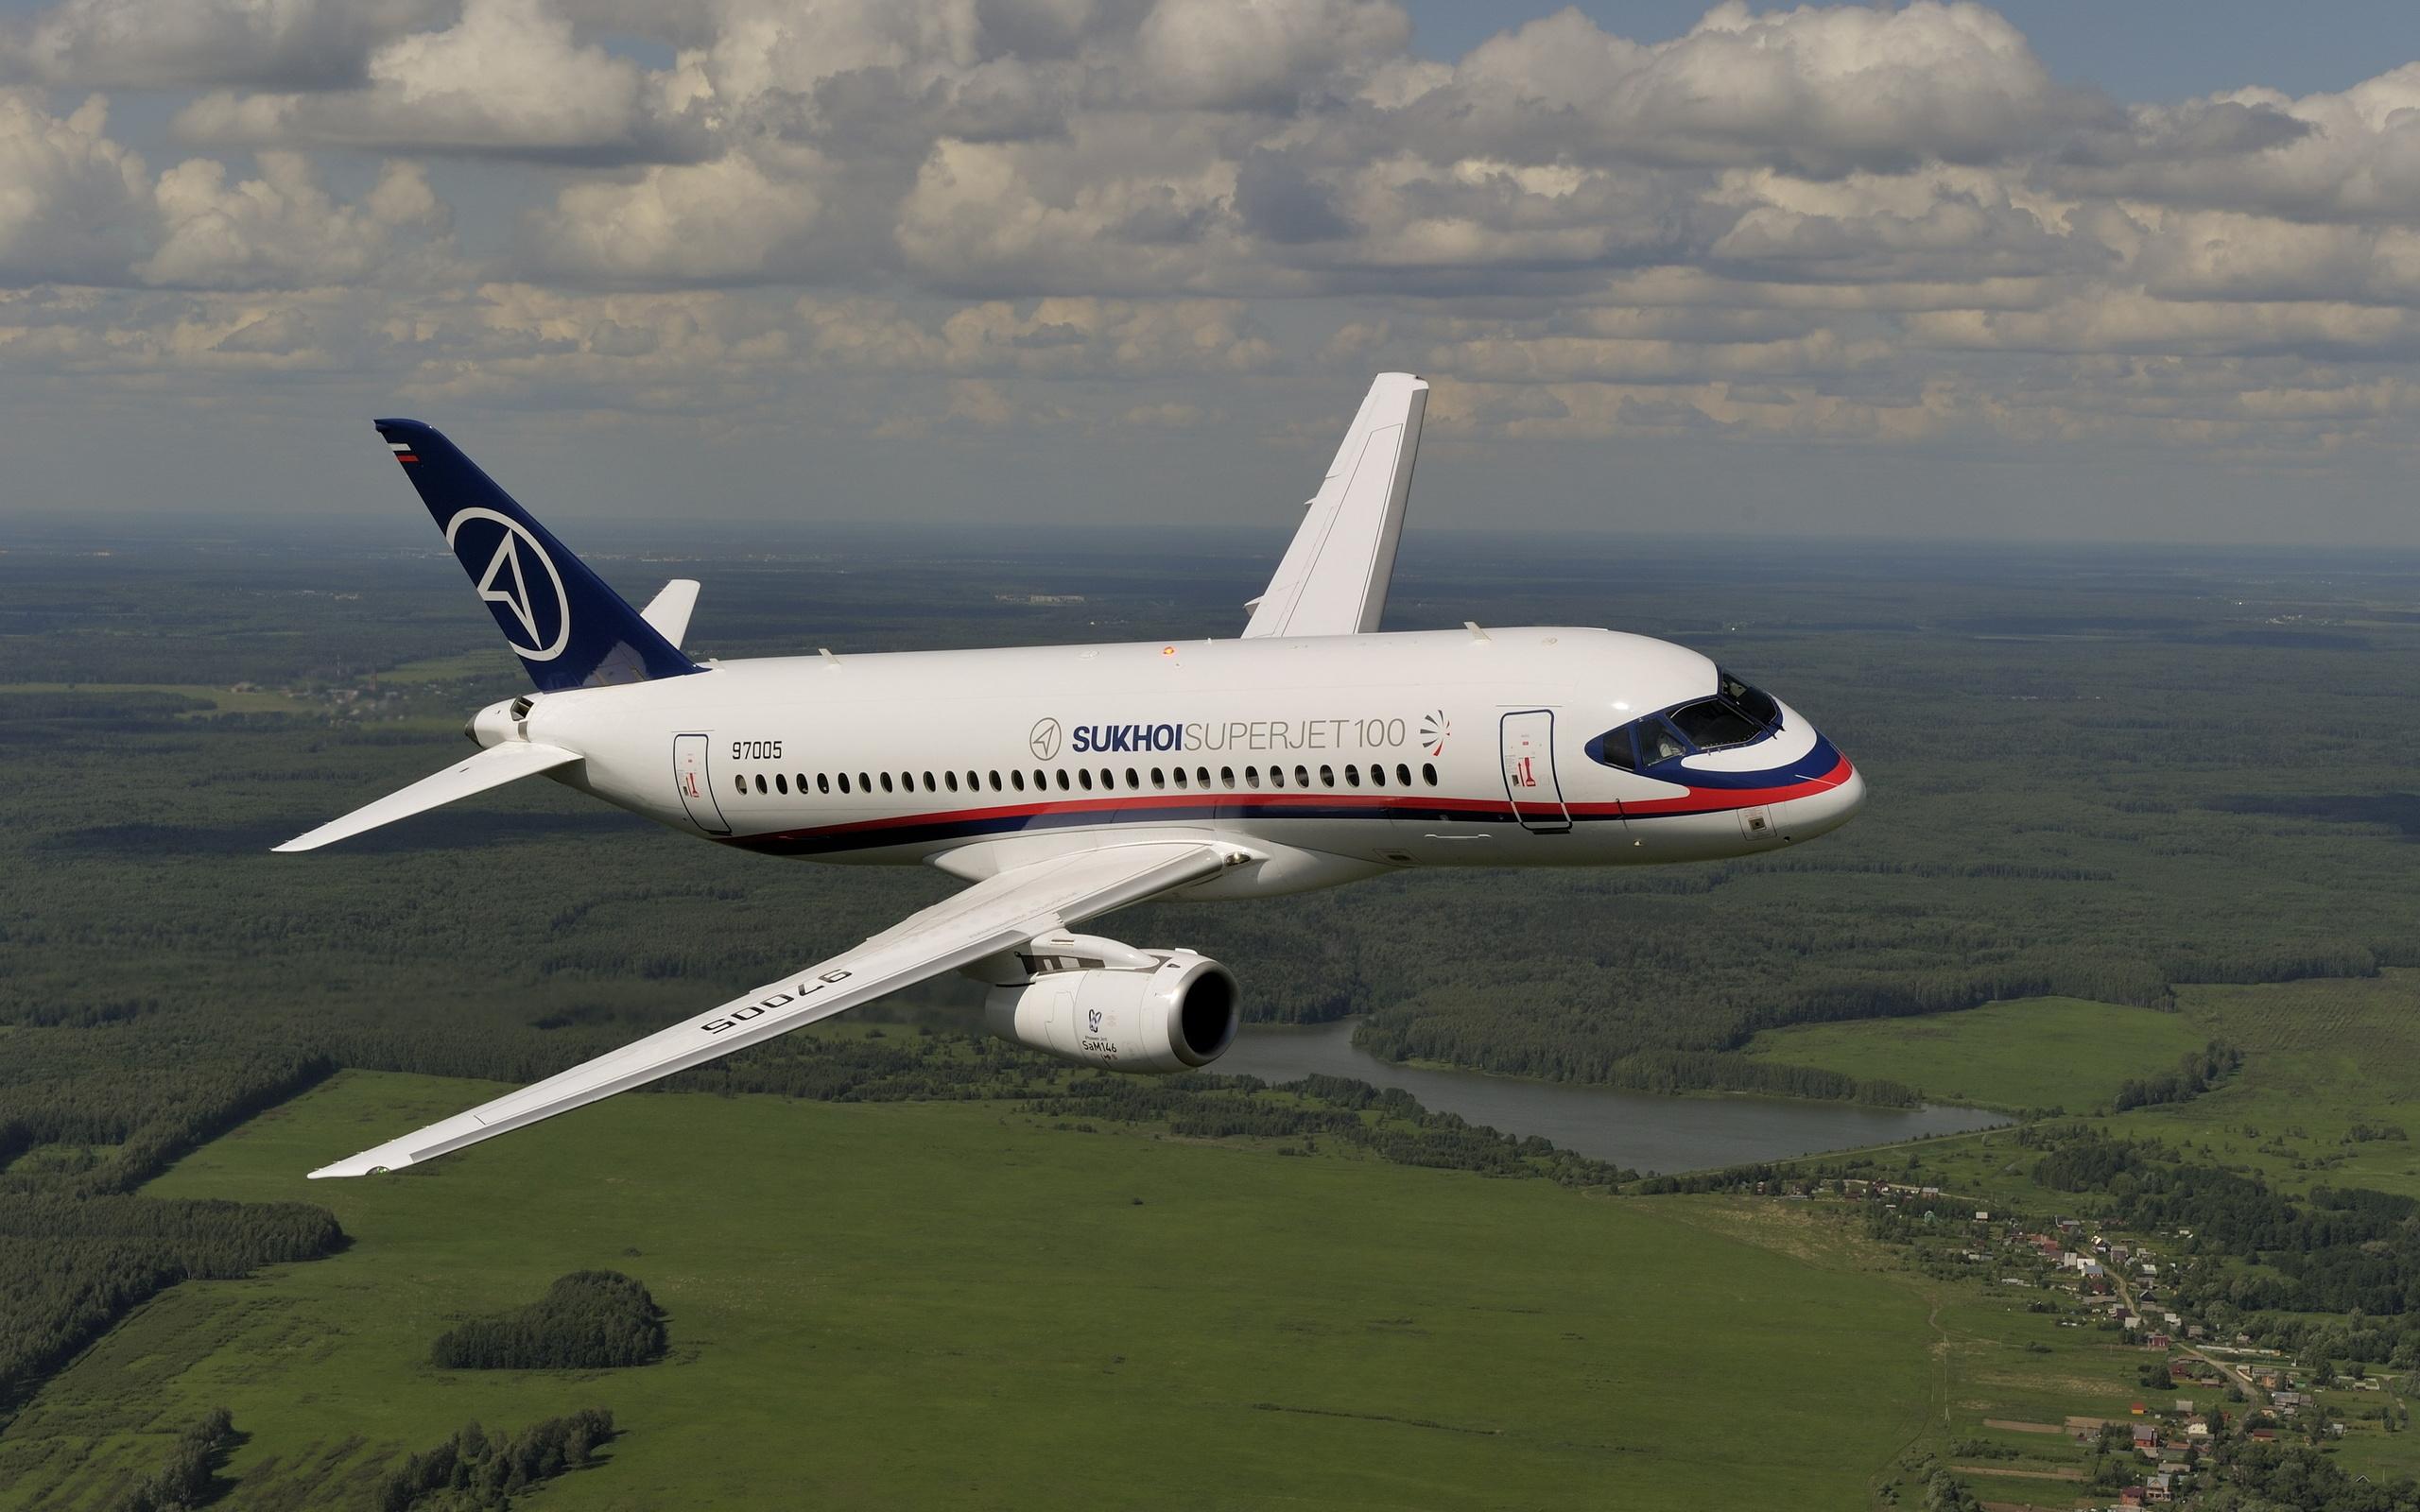 пассажирские самолеты картинки с названиями специализируемся